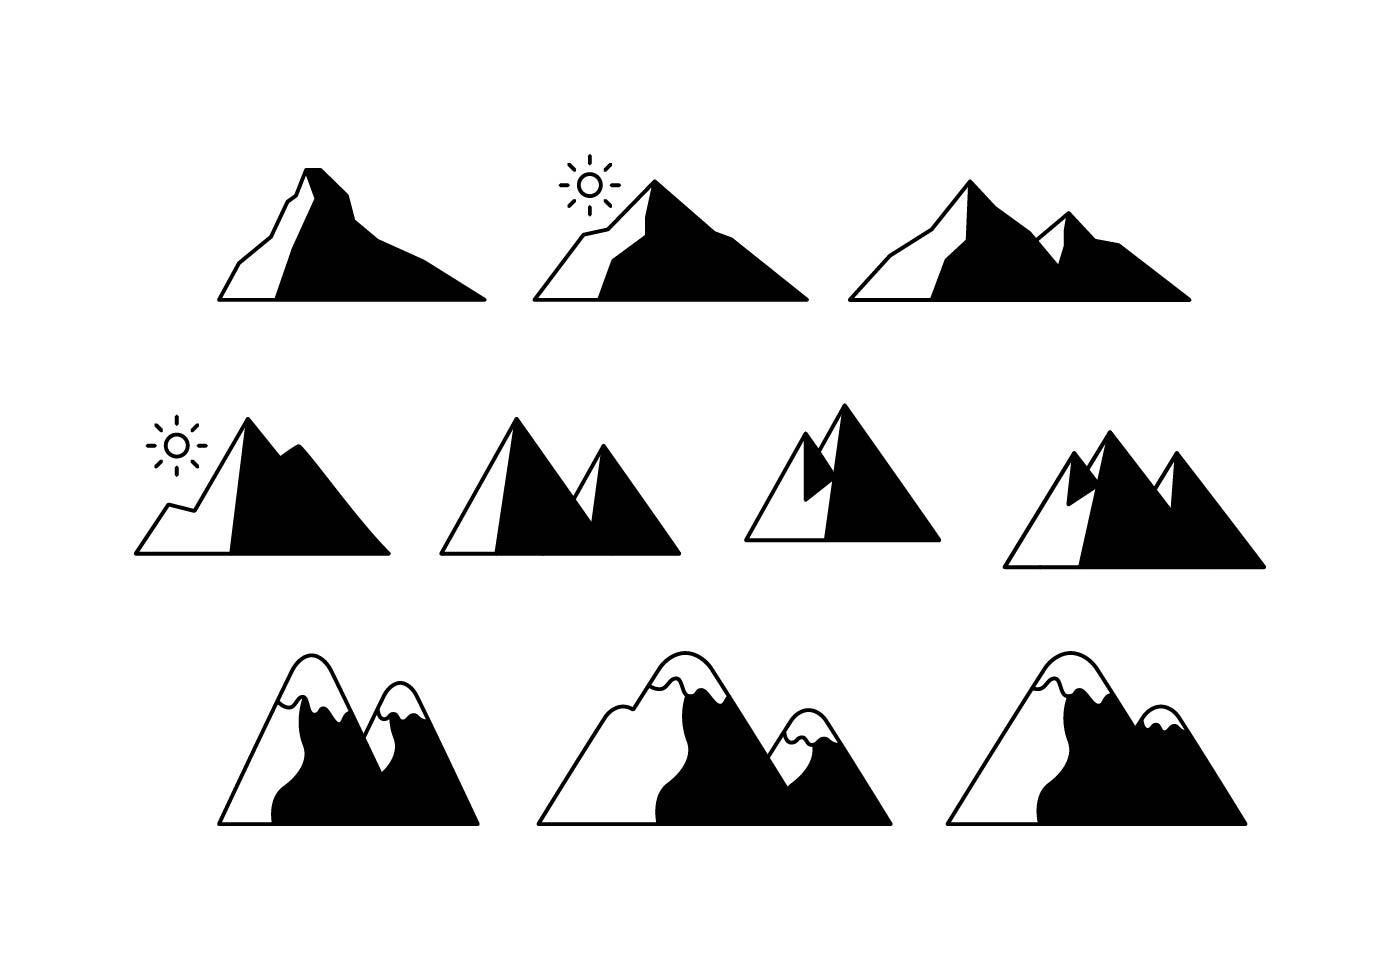 山插圖 免費下載   天天瘋後製